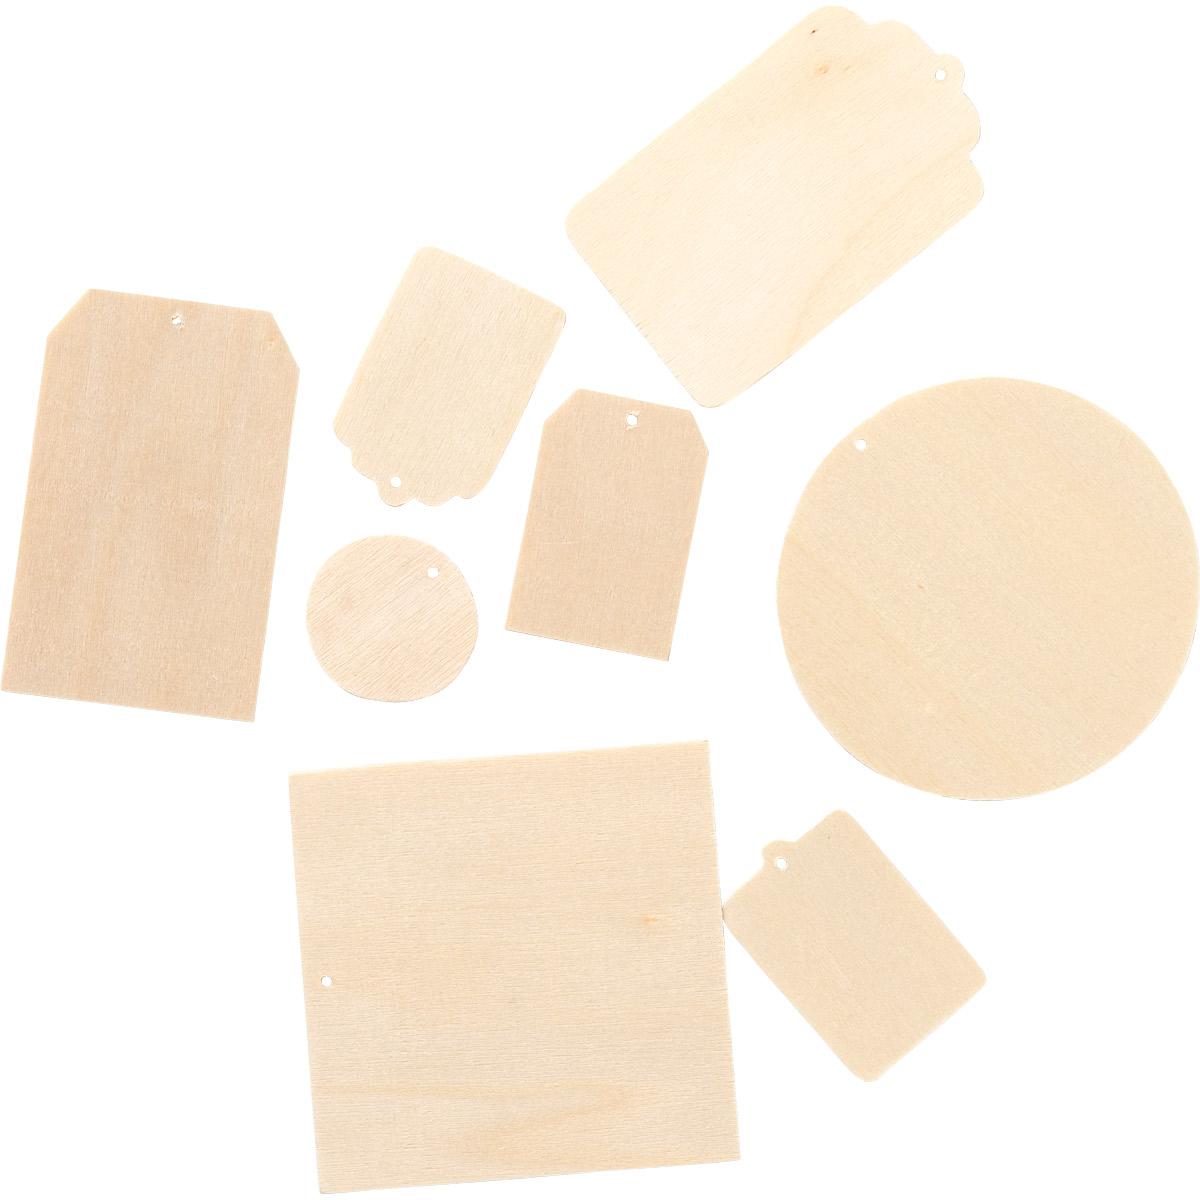 Plaid ® Painter's Palette™ Wood Tags, 24 pc. - 23148